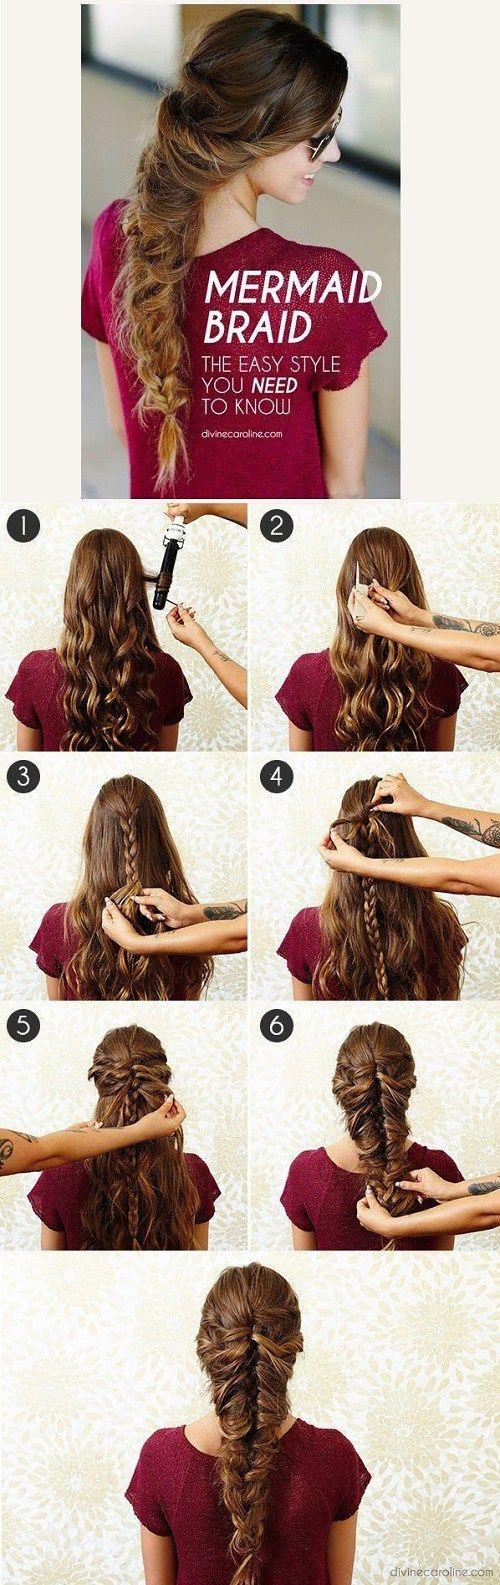 Ist eine total schöne Frisur, die um einiges schwieriger und aufwendiger wirkt al